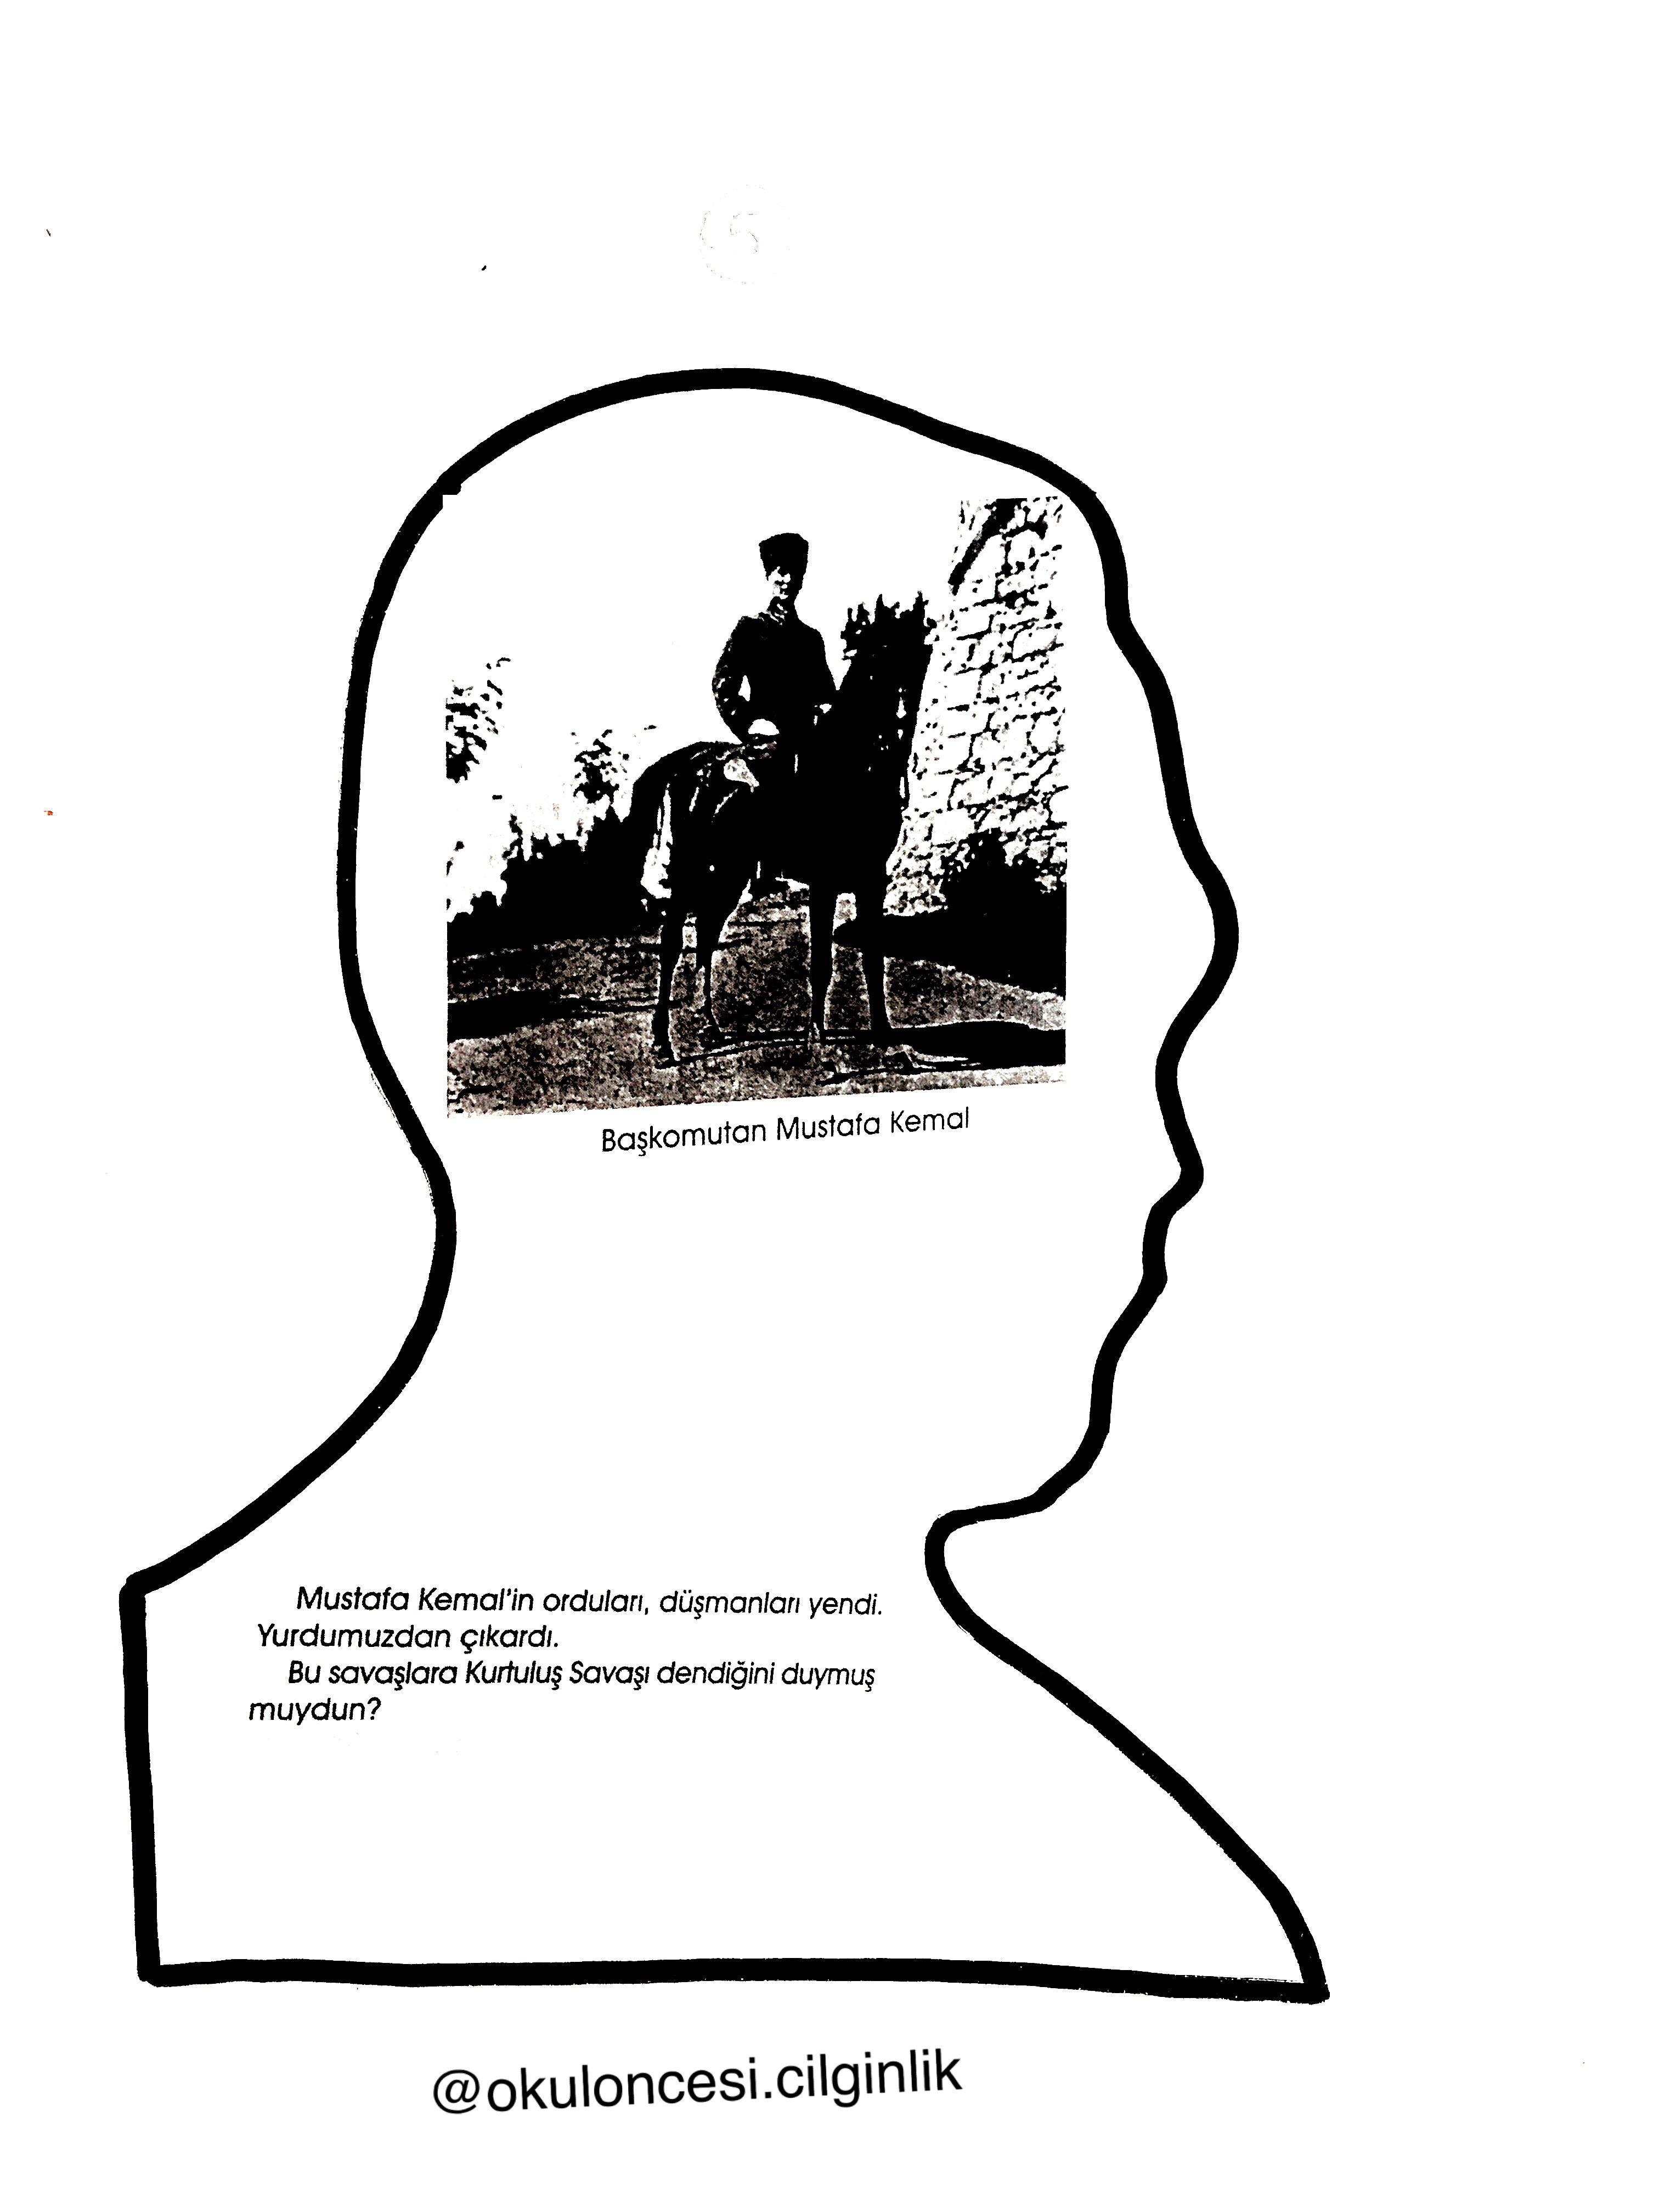 Ataturk Kitapcigi Kalip 5 Okuloncesi Cilginlik Basak Ogretmen Faaliyetler Rozet Boyama Sayfalari